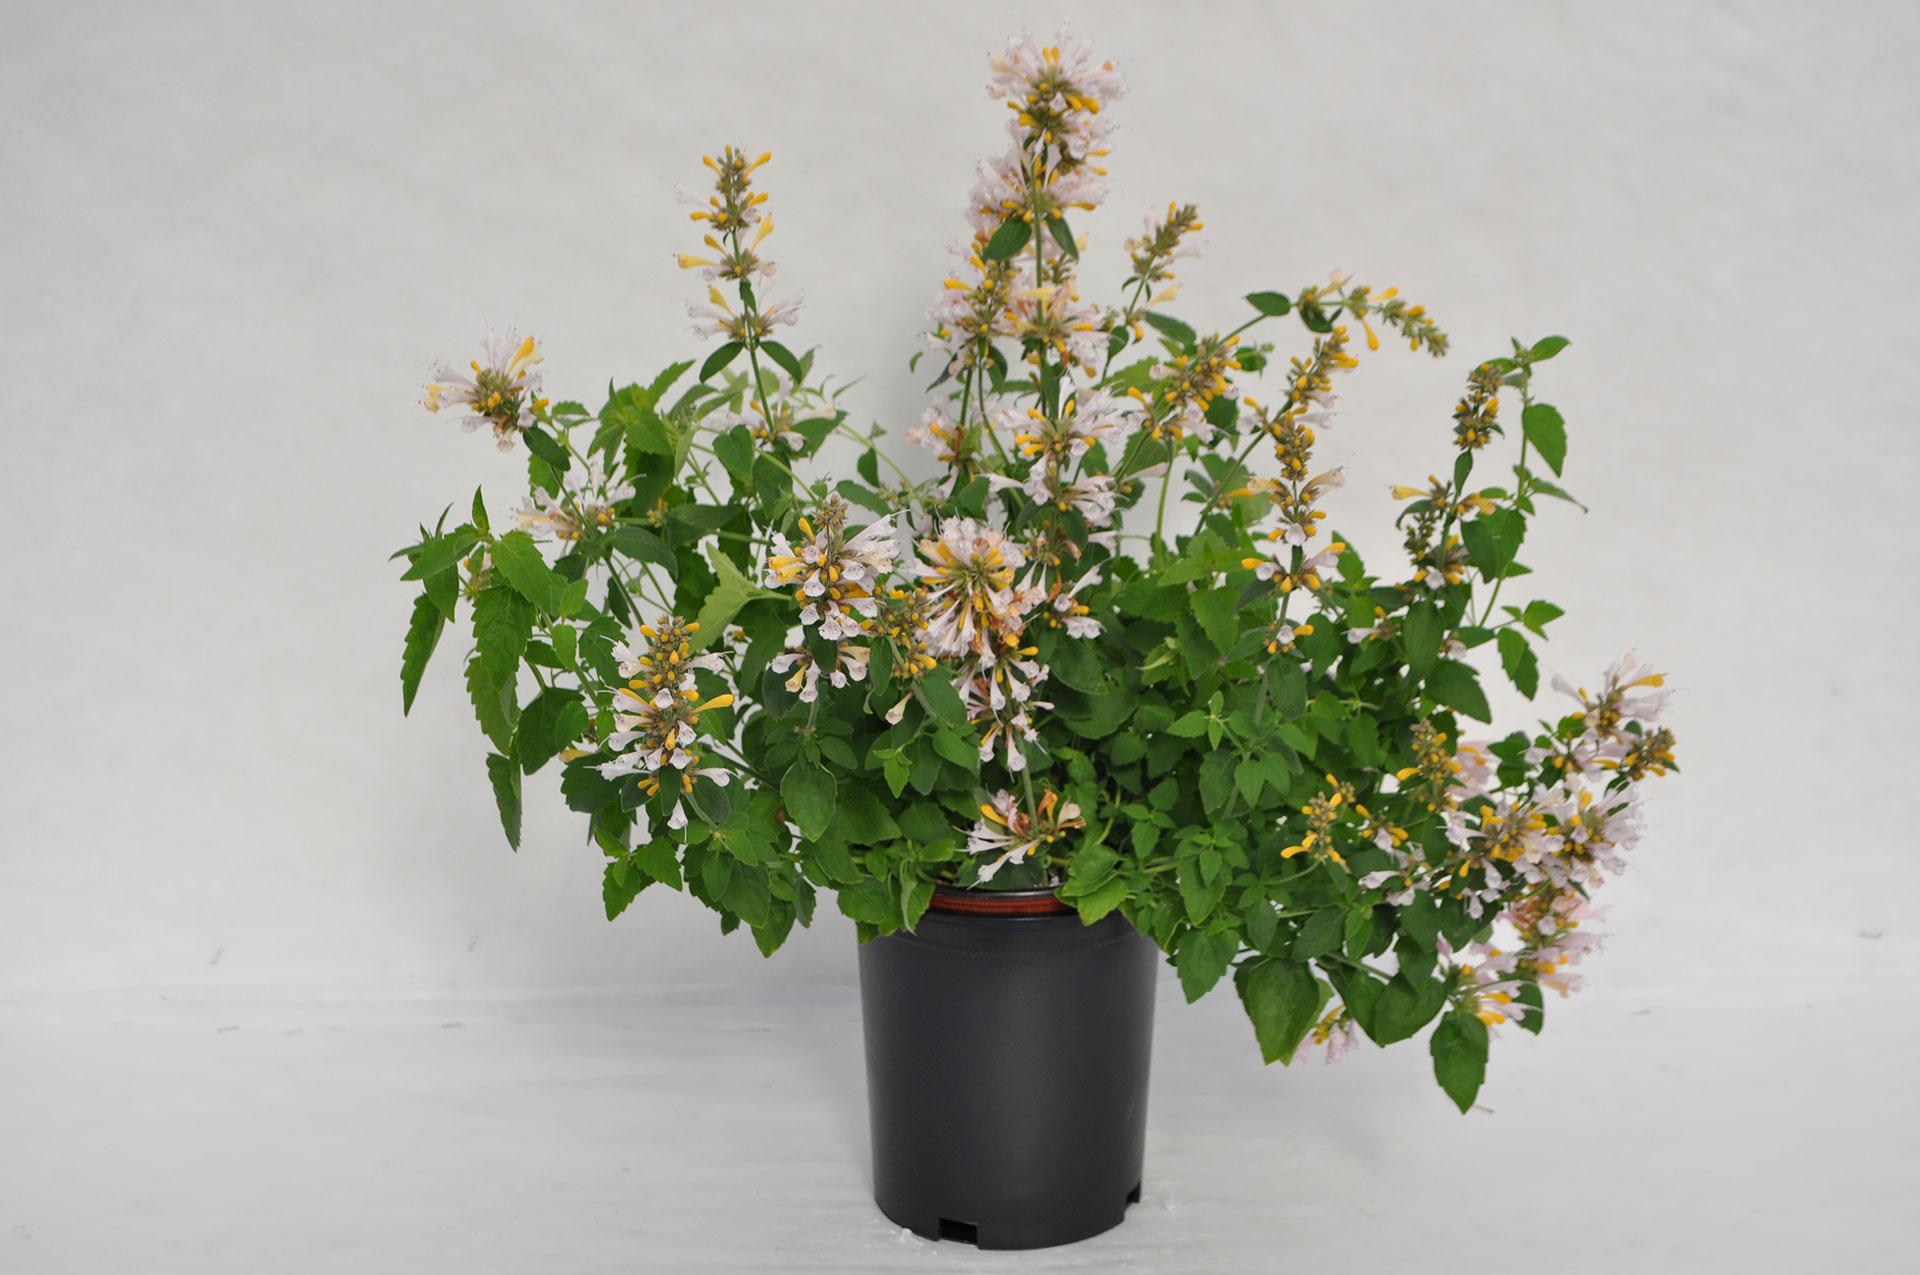 Agastache Sunrise Green Fuse Botanicals Inc